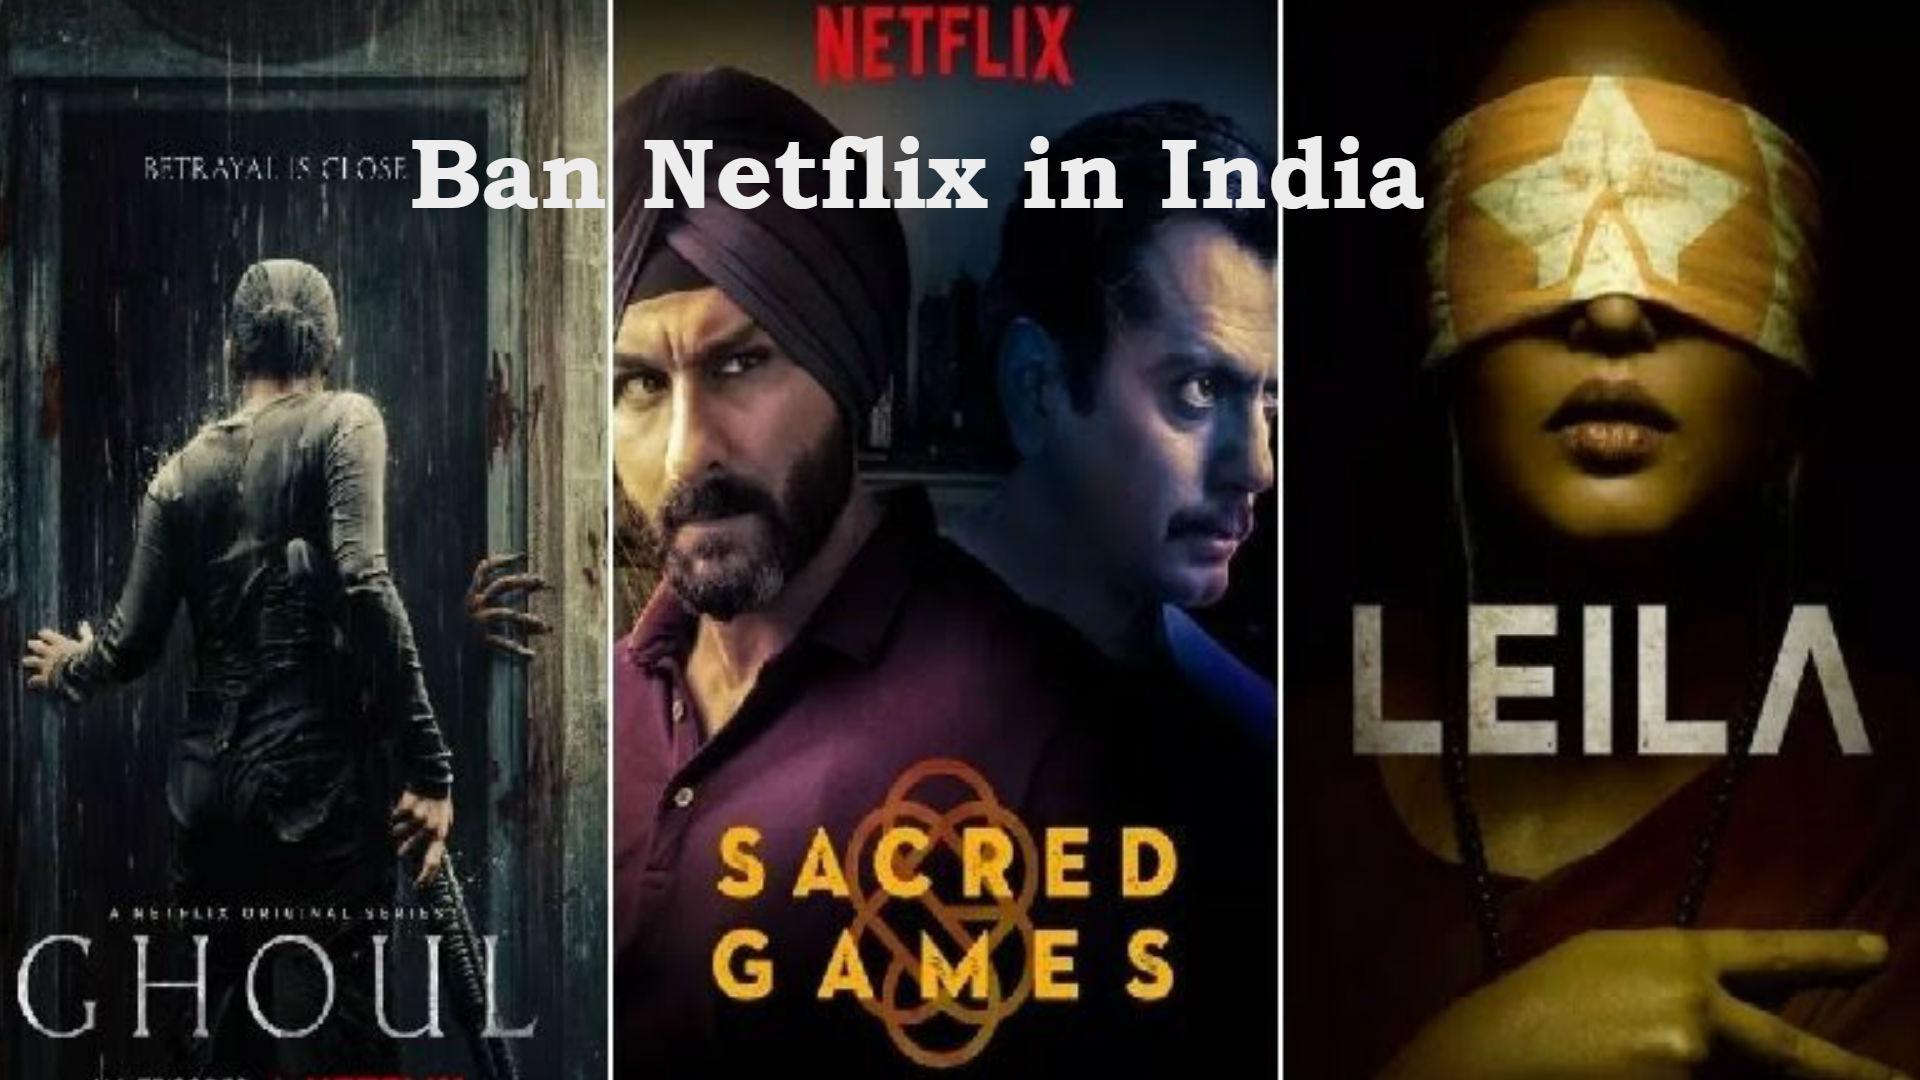 #BanNetflixInIndia: नेटफ्लिक्स को भारत में बैन करने की मांग, इस वजह से लोगों ने कहा- बस बहुत हो गया!